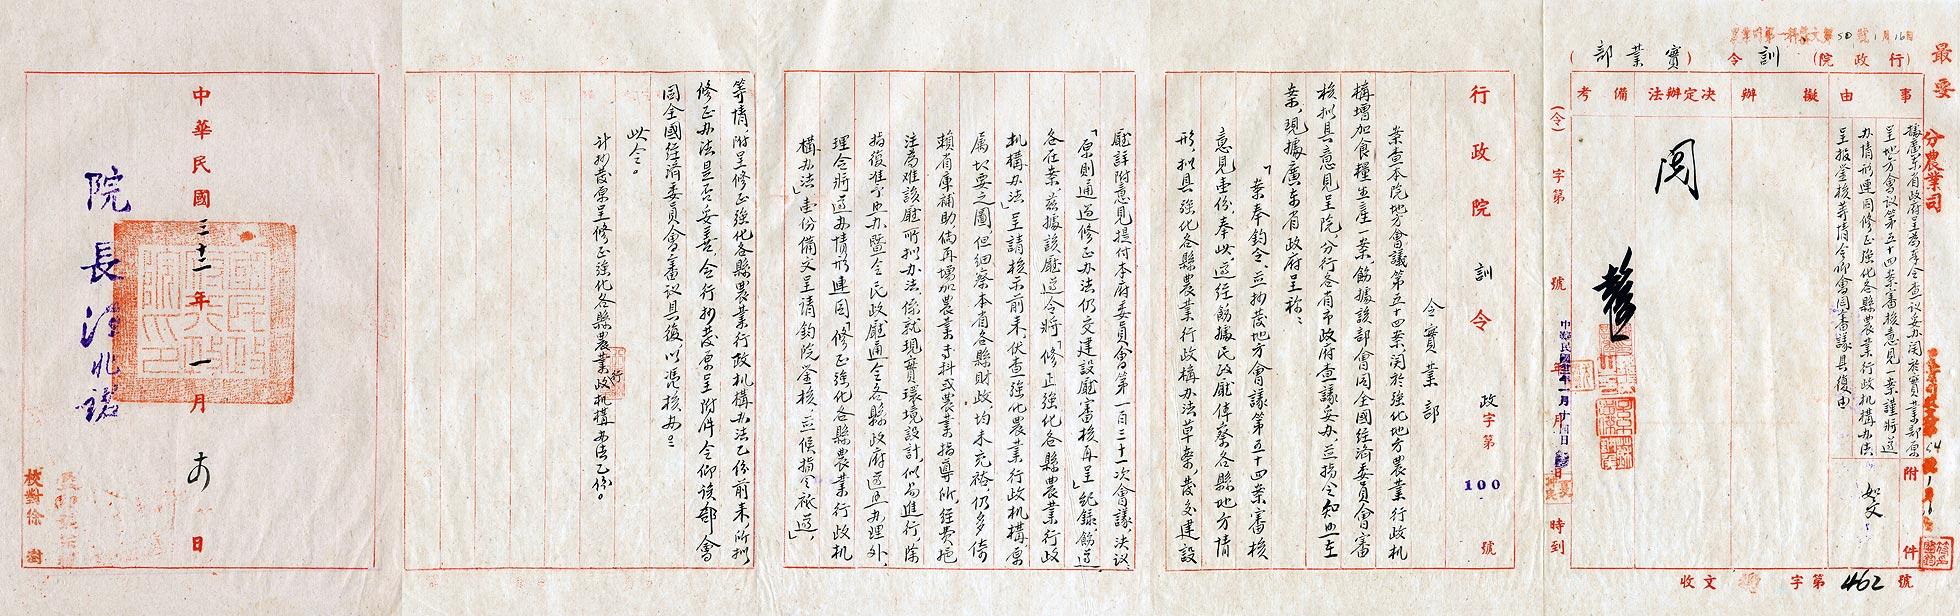 1943年7月,中央政治委員會函實業部,關於中日合辦國策公司調整提案。(28-03-01-001-03-009)